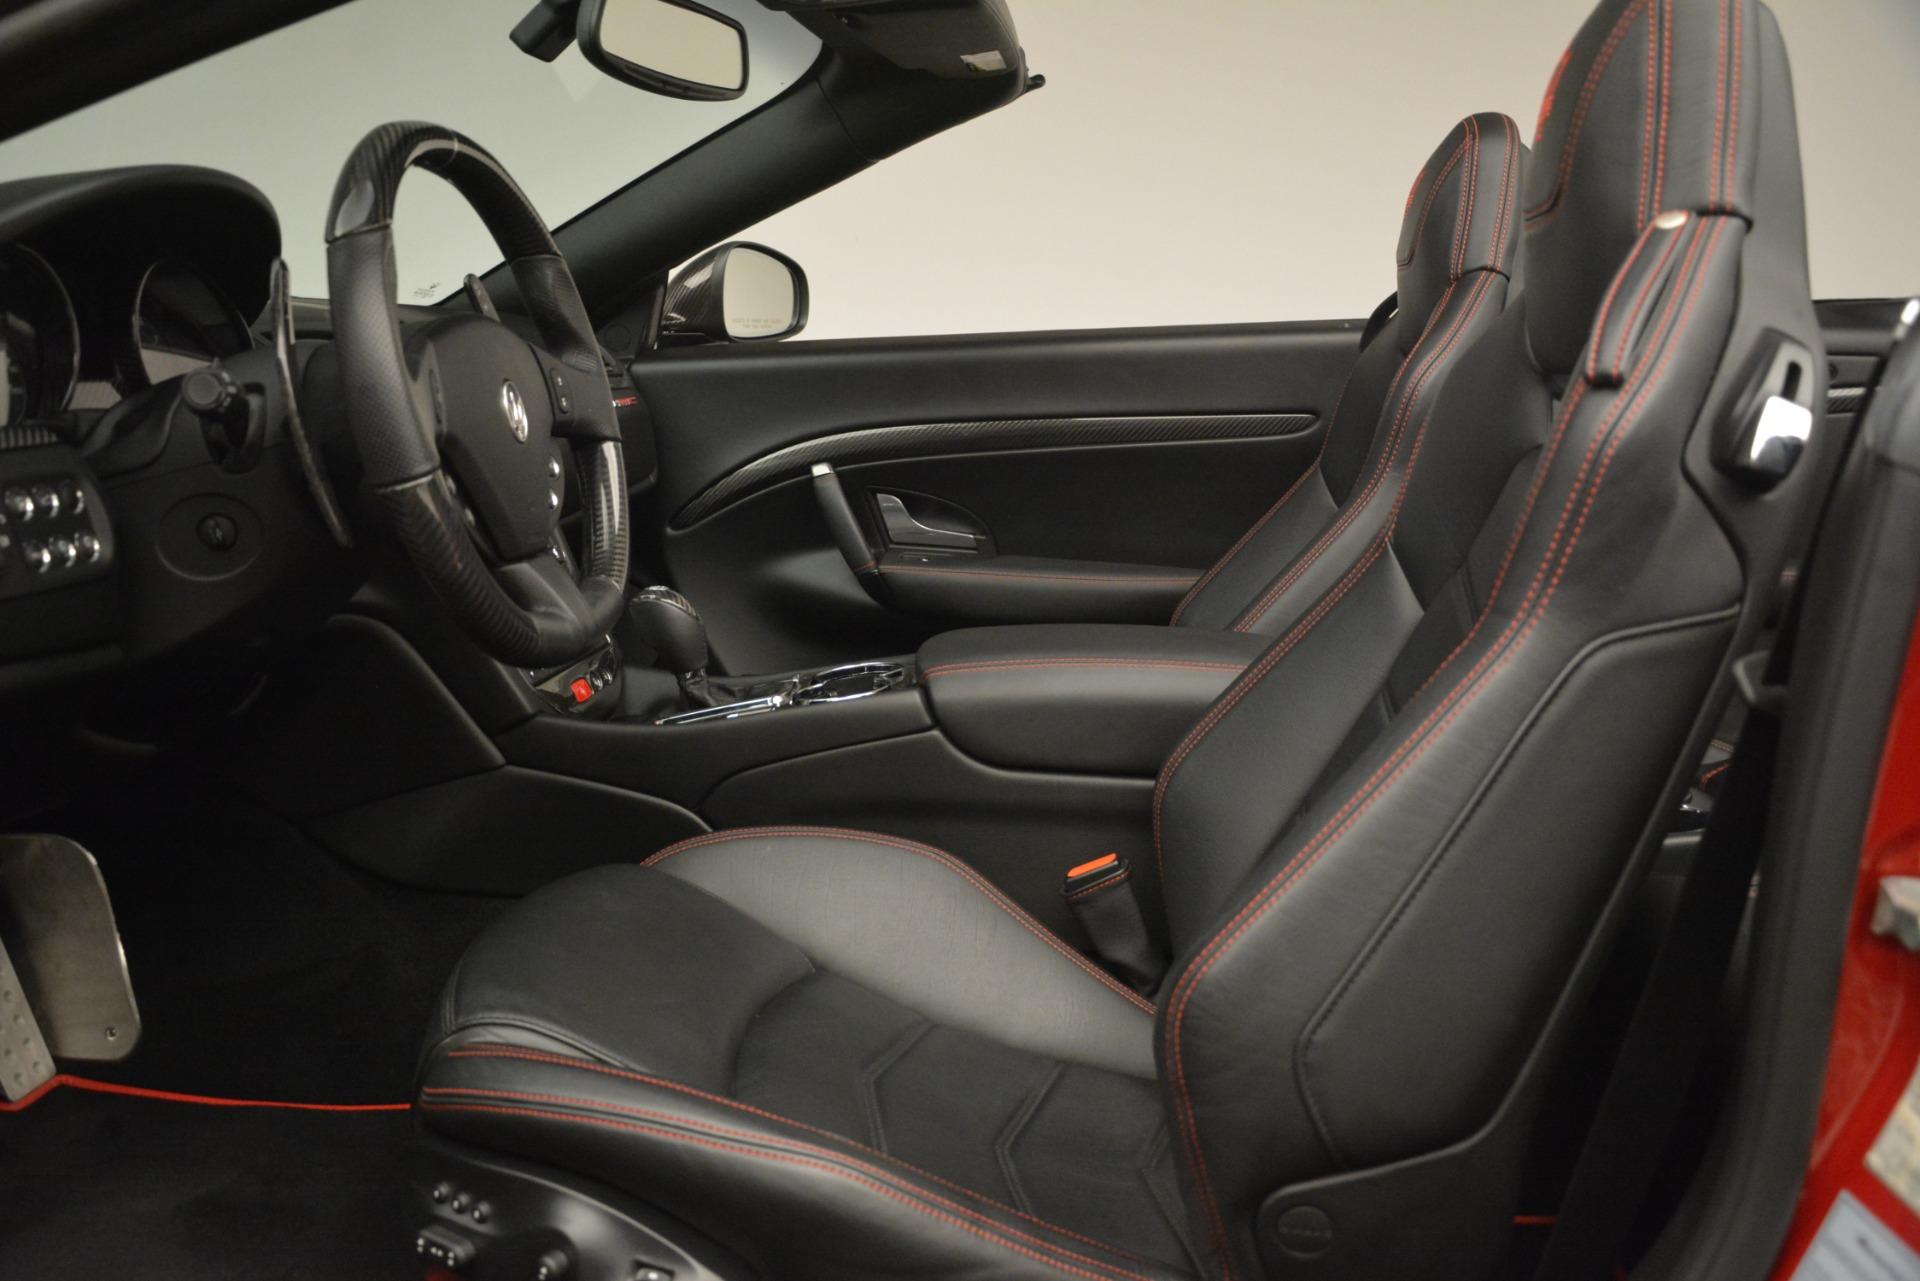 Used 2015 Maserati GranTurismo MC For Sale In Greenwich, CT 3197_p21